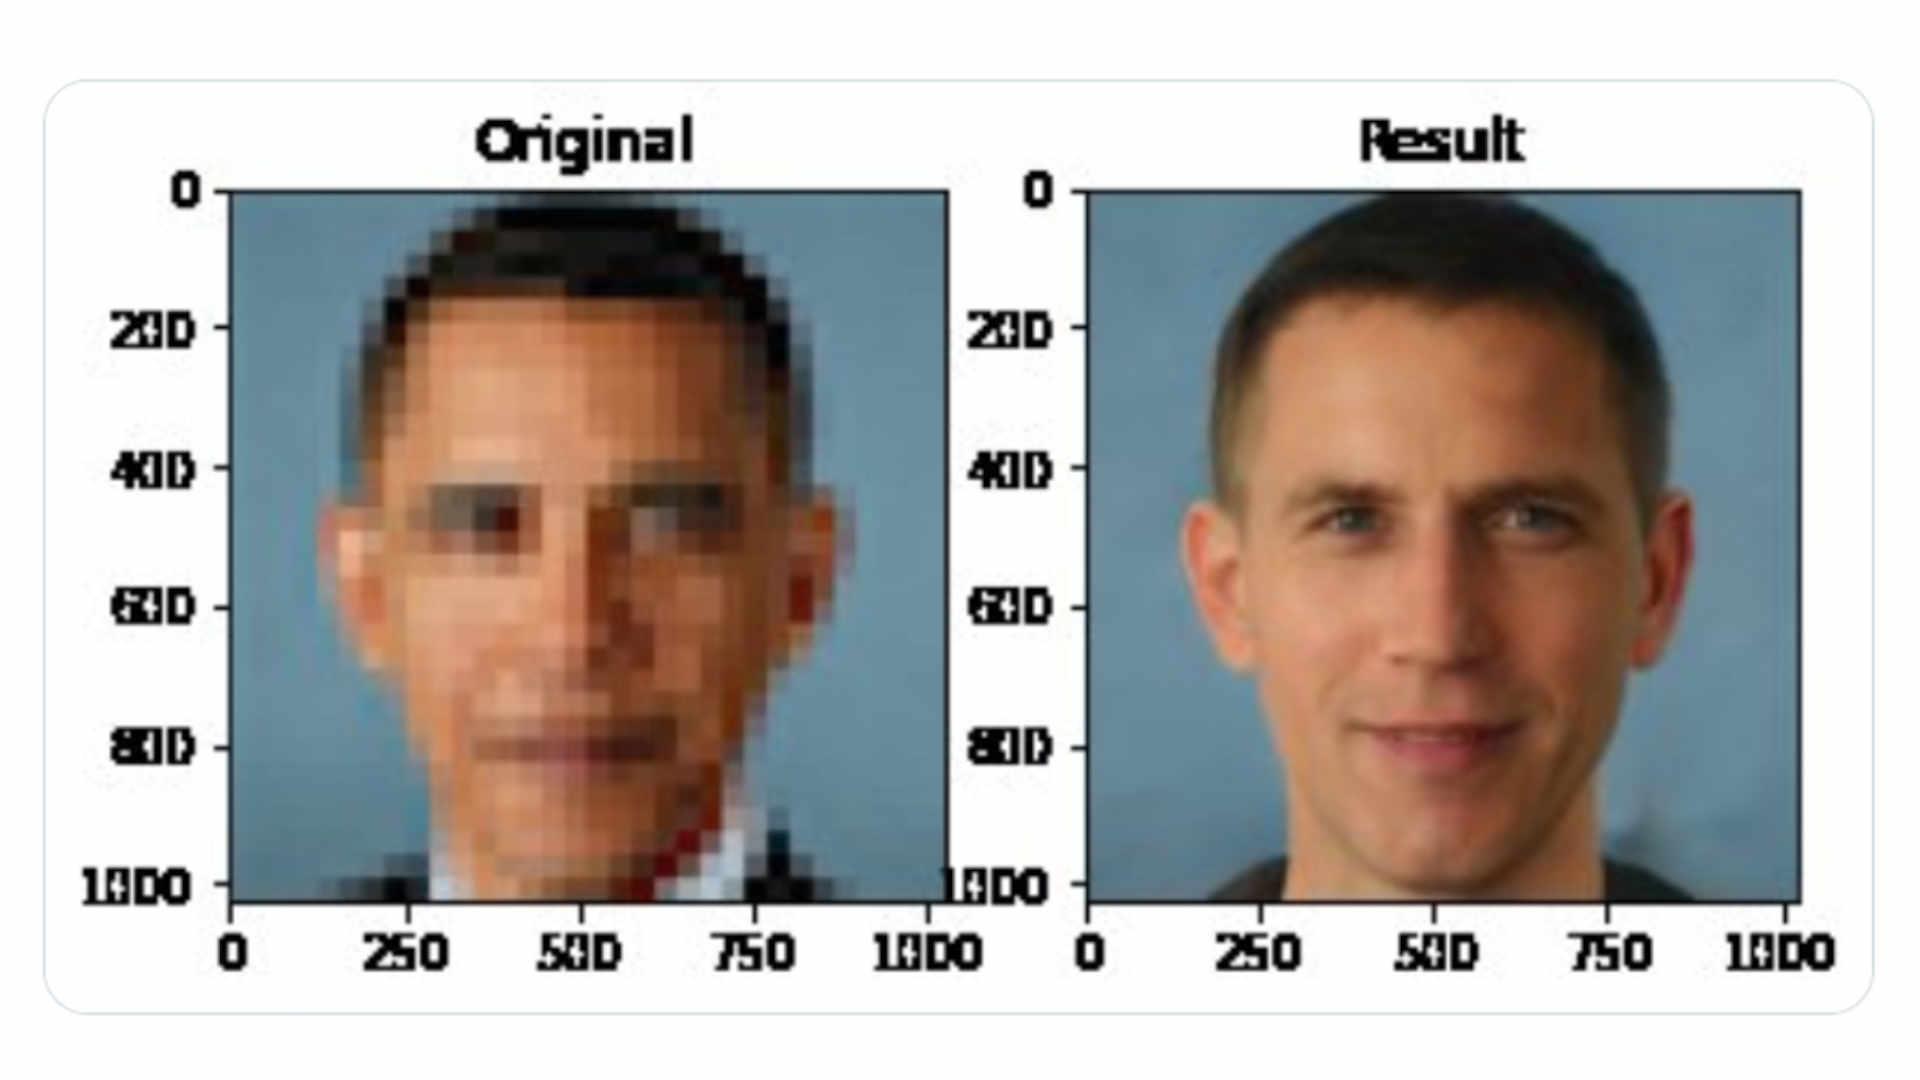 Si vous pensiez encore que les IA ne peuvent pas être racistes, voici une nouvelle preuve